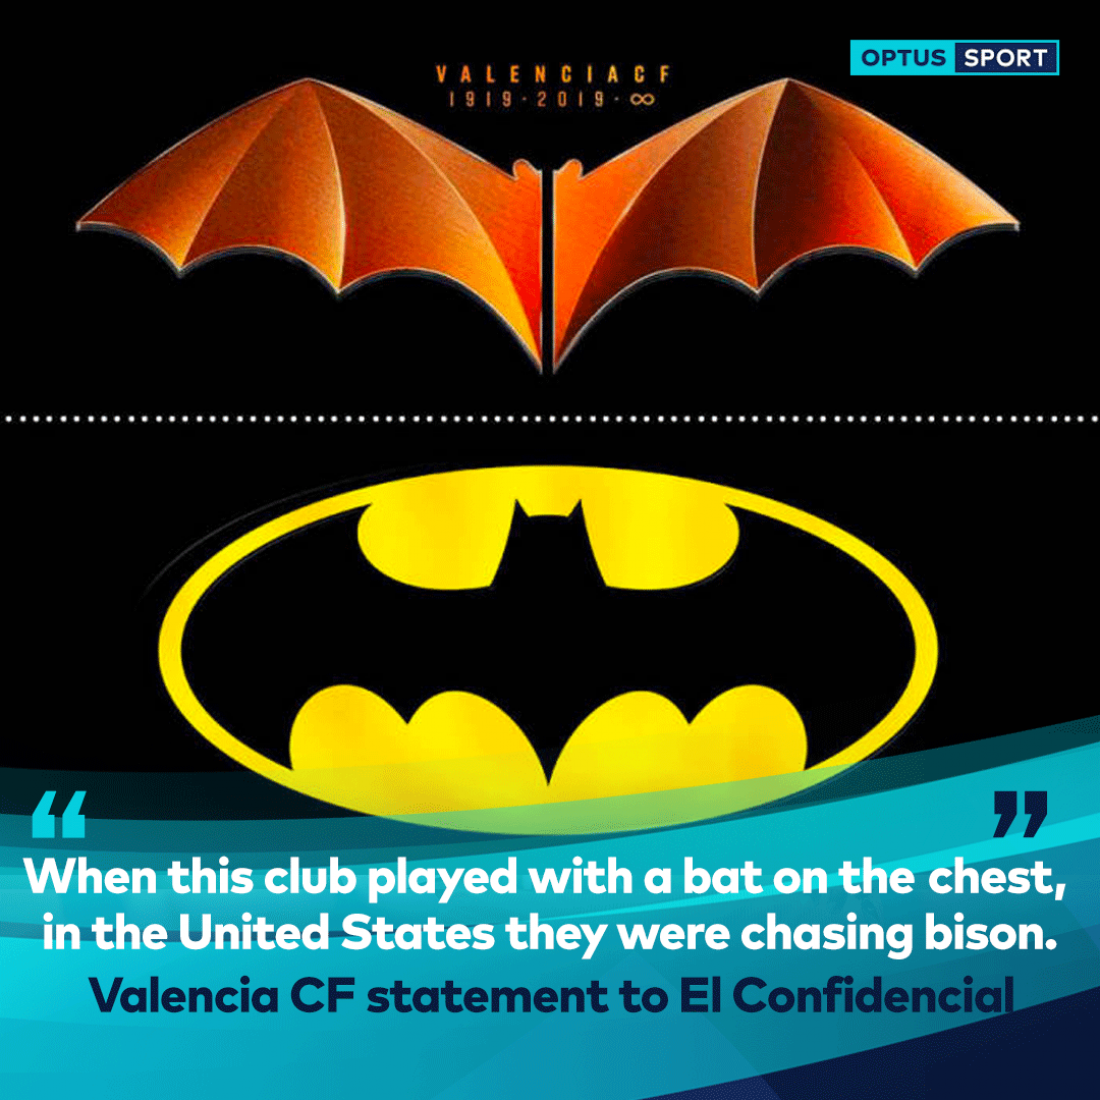 Новый логотип Валенсии и эмблема Бэтмена